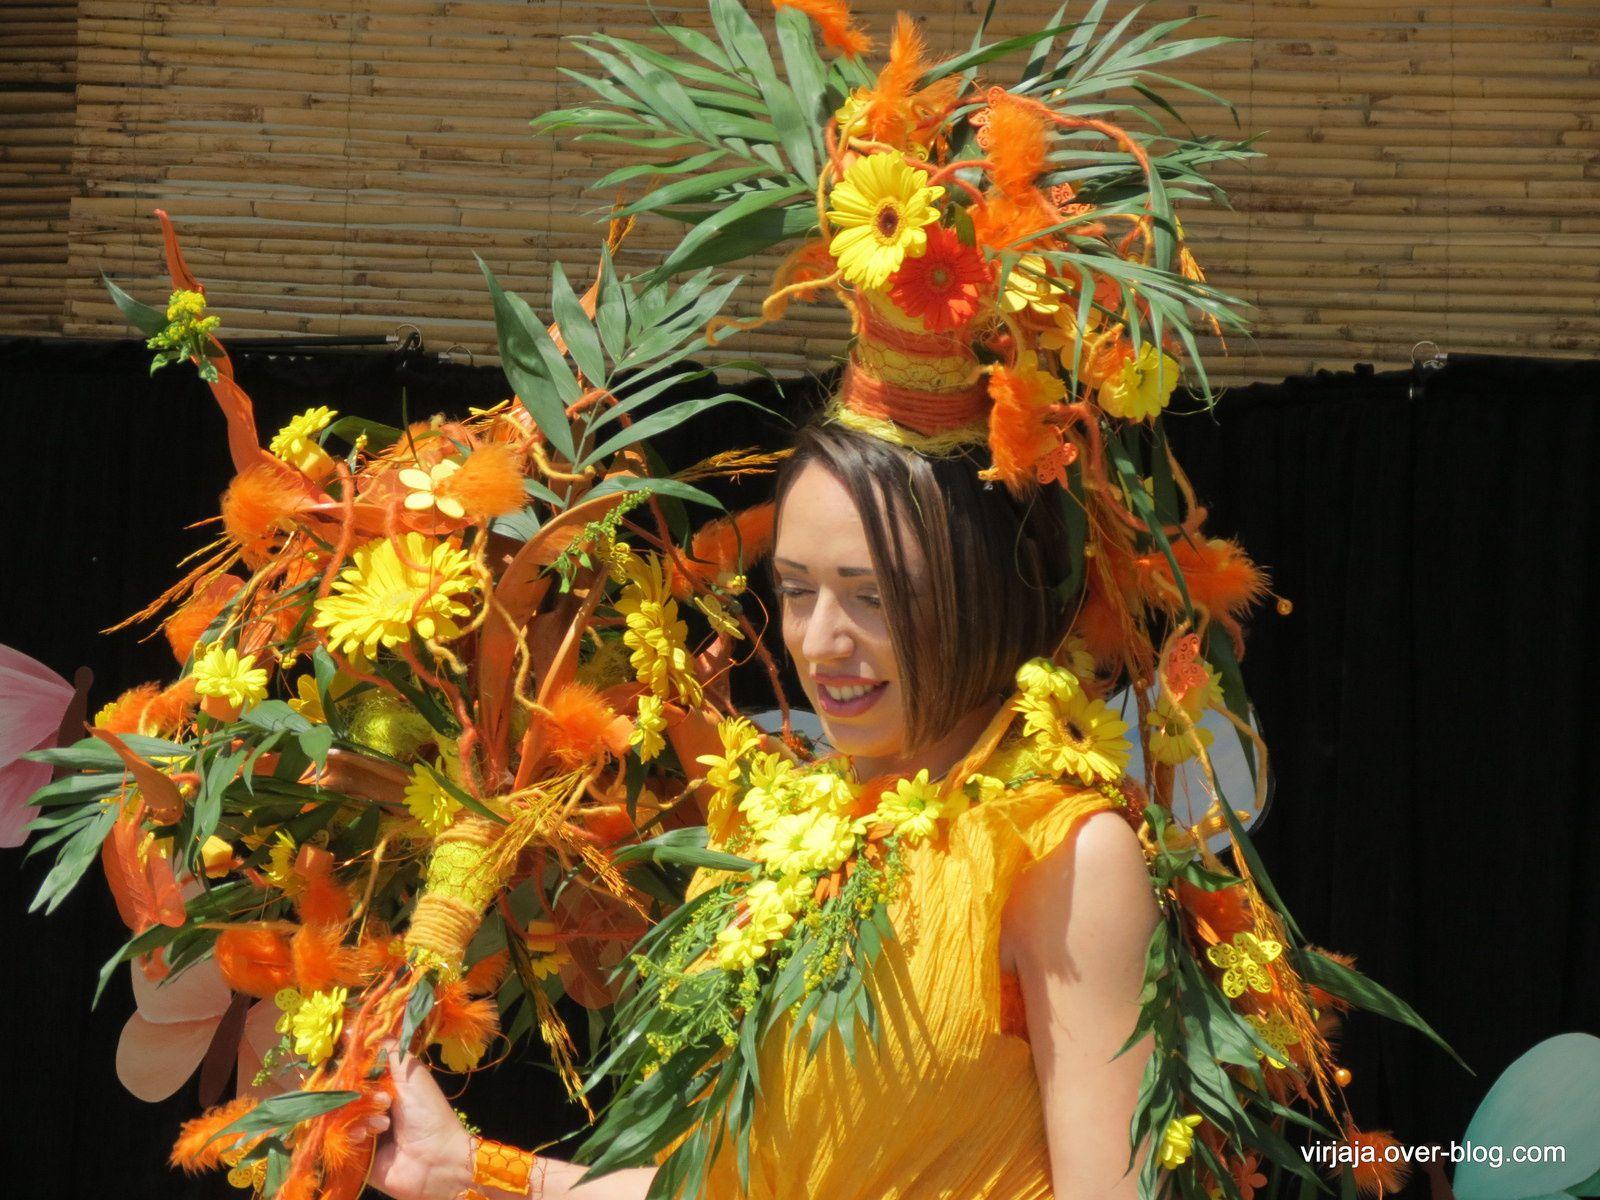 défilé de mode floral